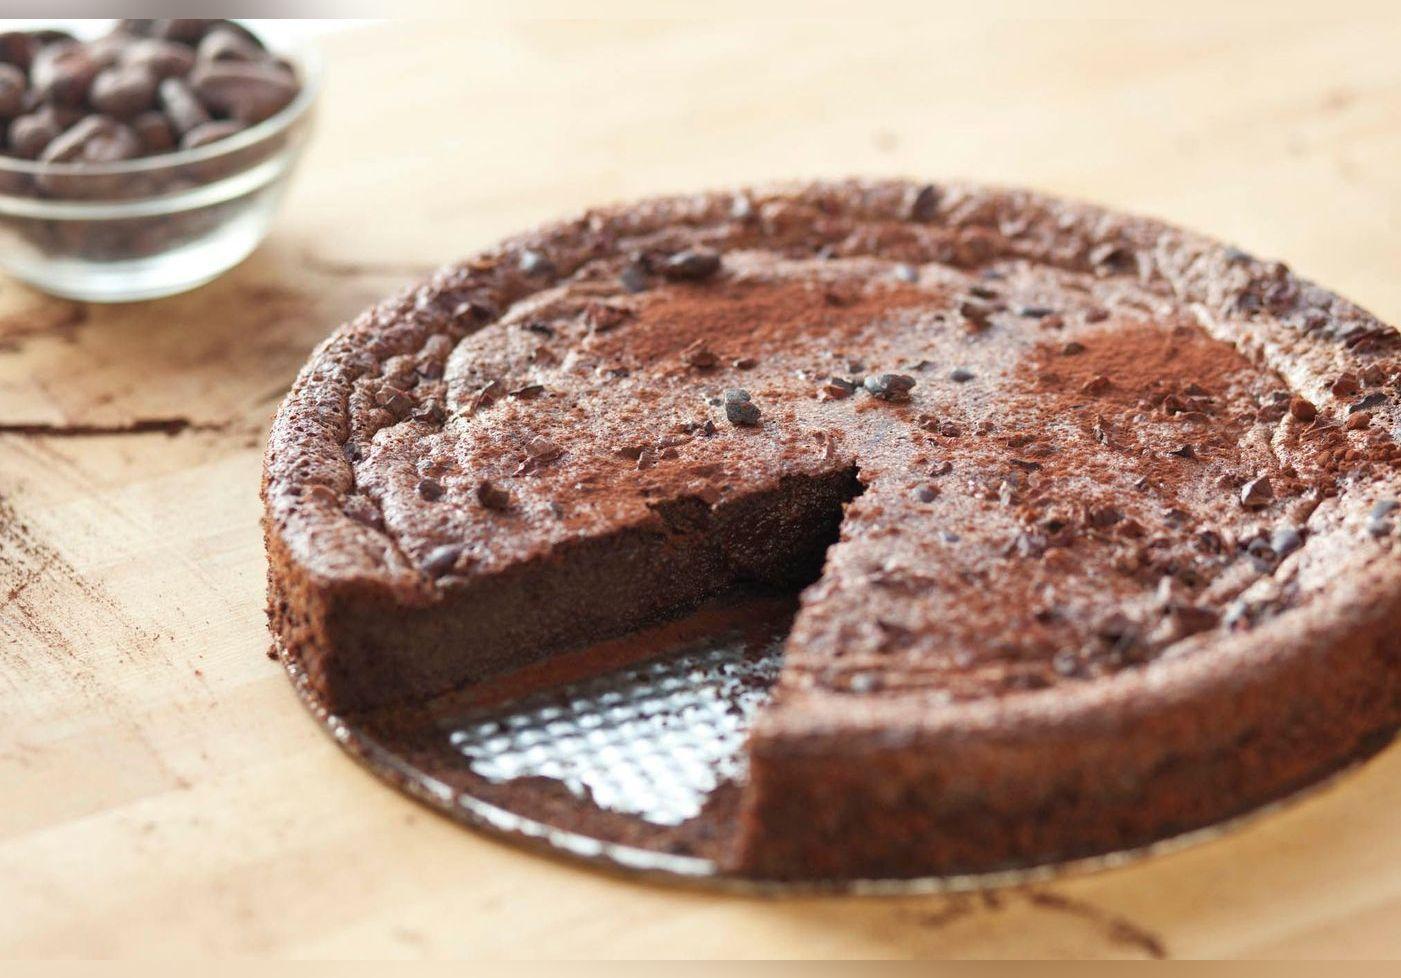 Il réalise un gâteau avec seulement trois ingrédients. Sa recette, sans sucre, œuf ou farine va vous bluffer.